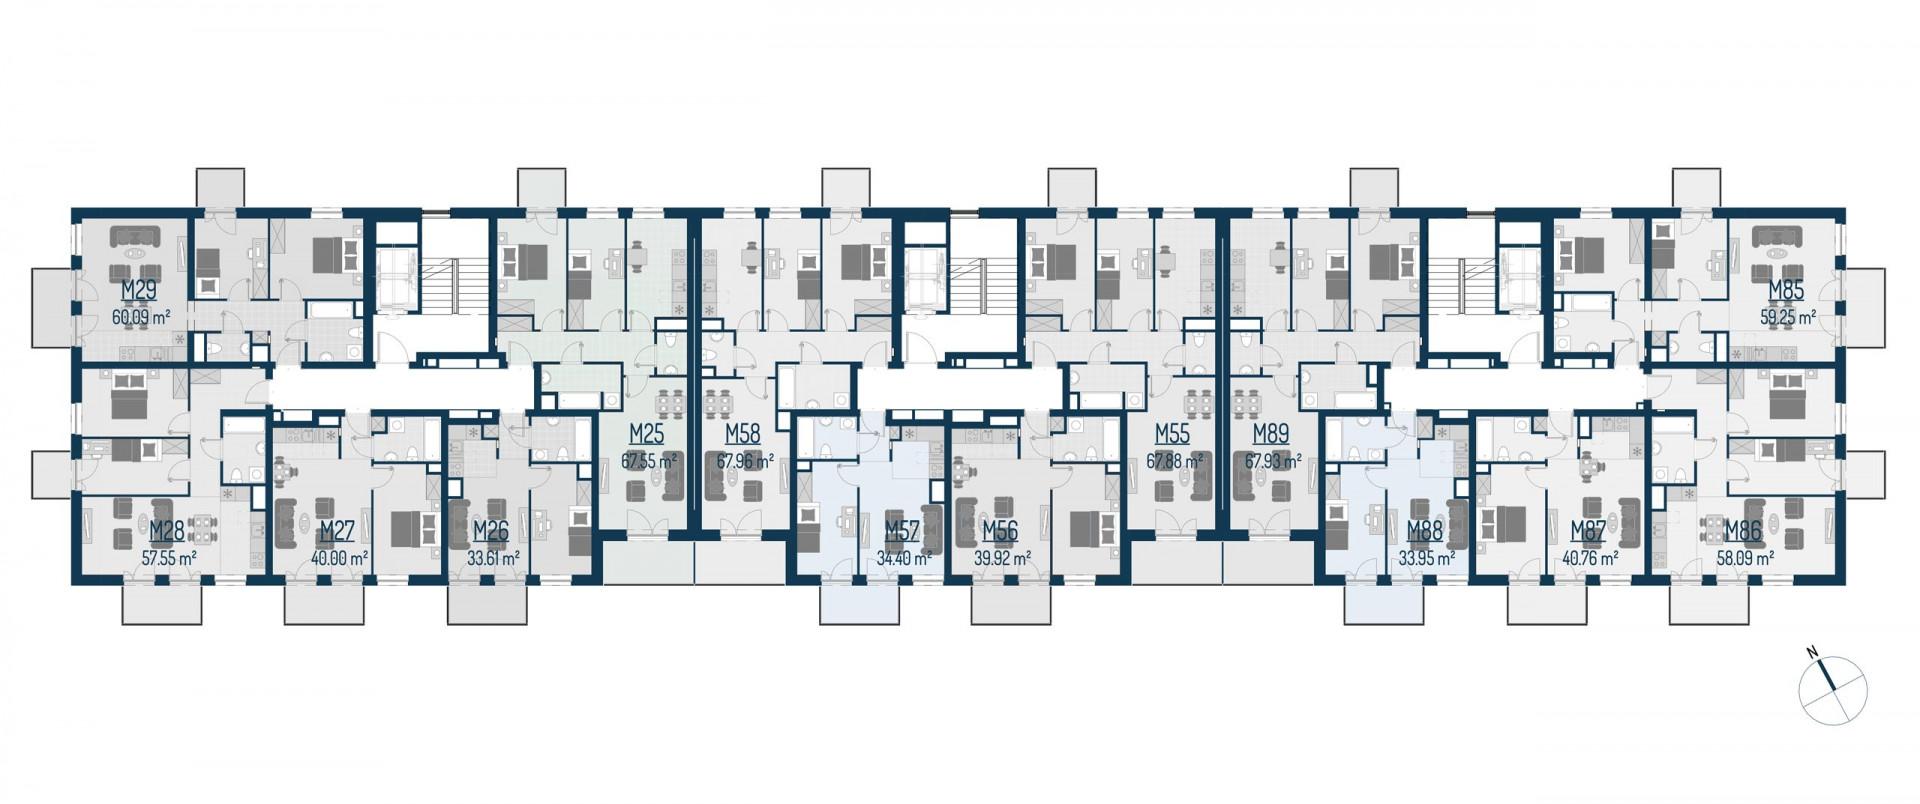 Zdrowe Stylove / budynek 1 / mieszkanie nr M55 rzut 2